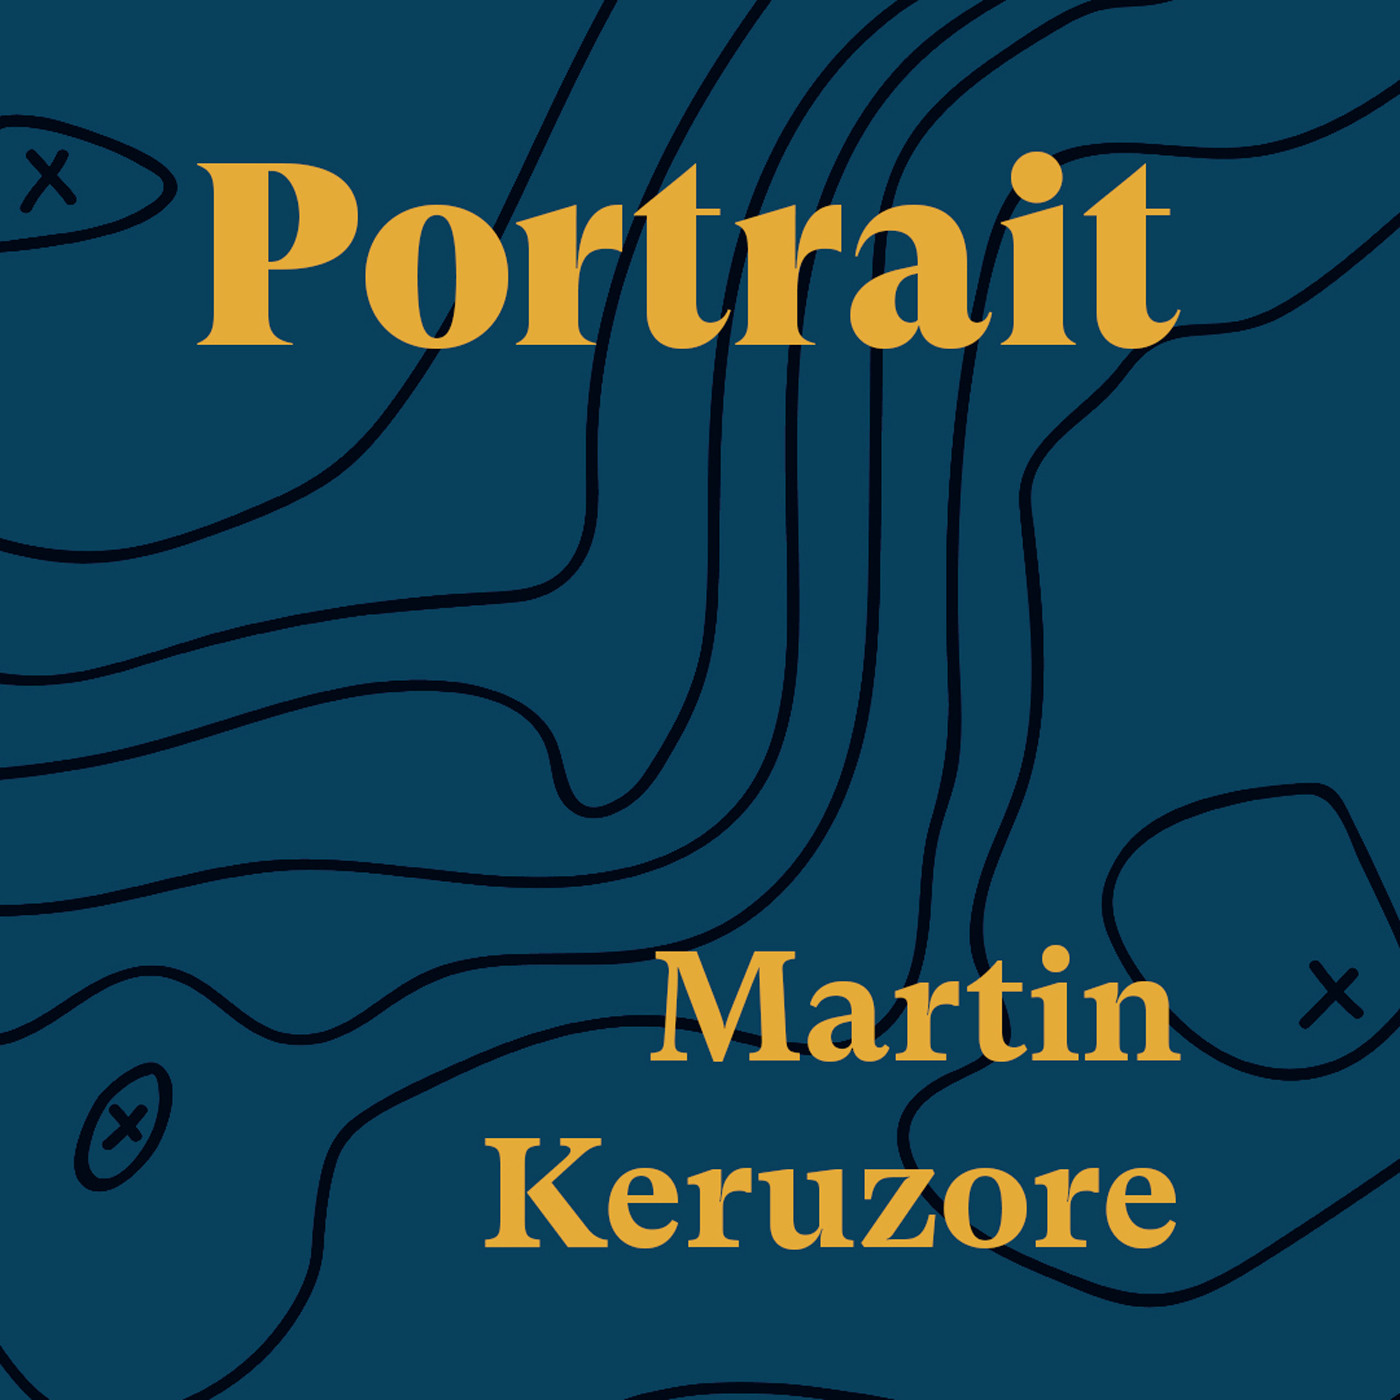 Portrait Martin Keruzoré